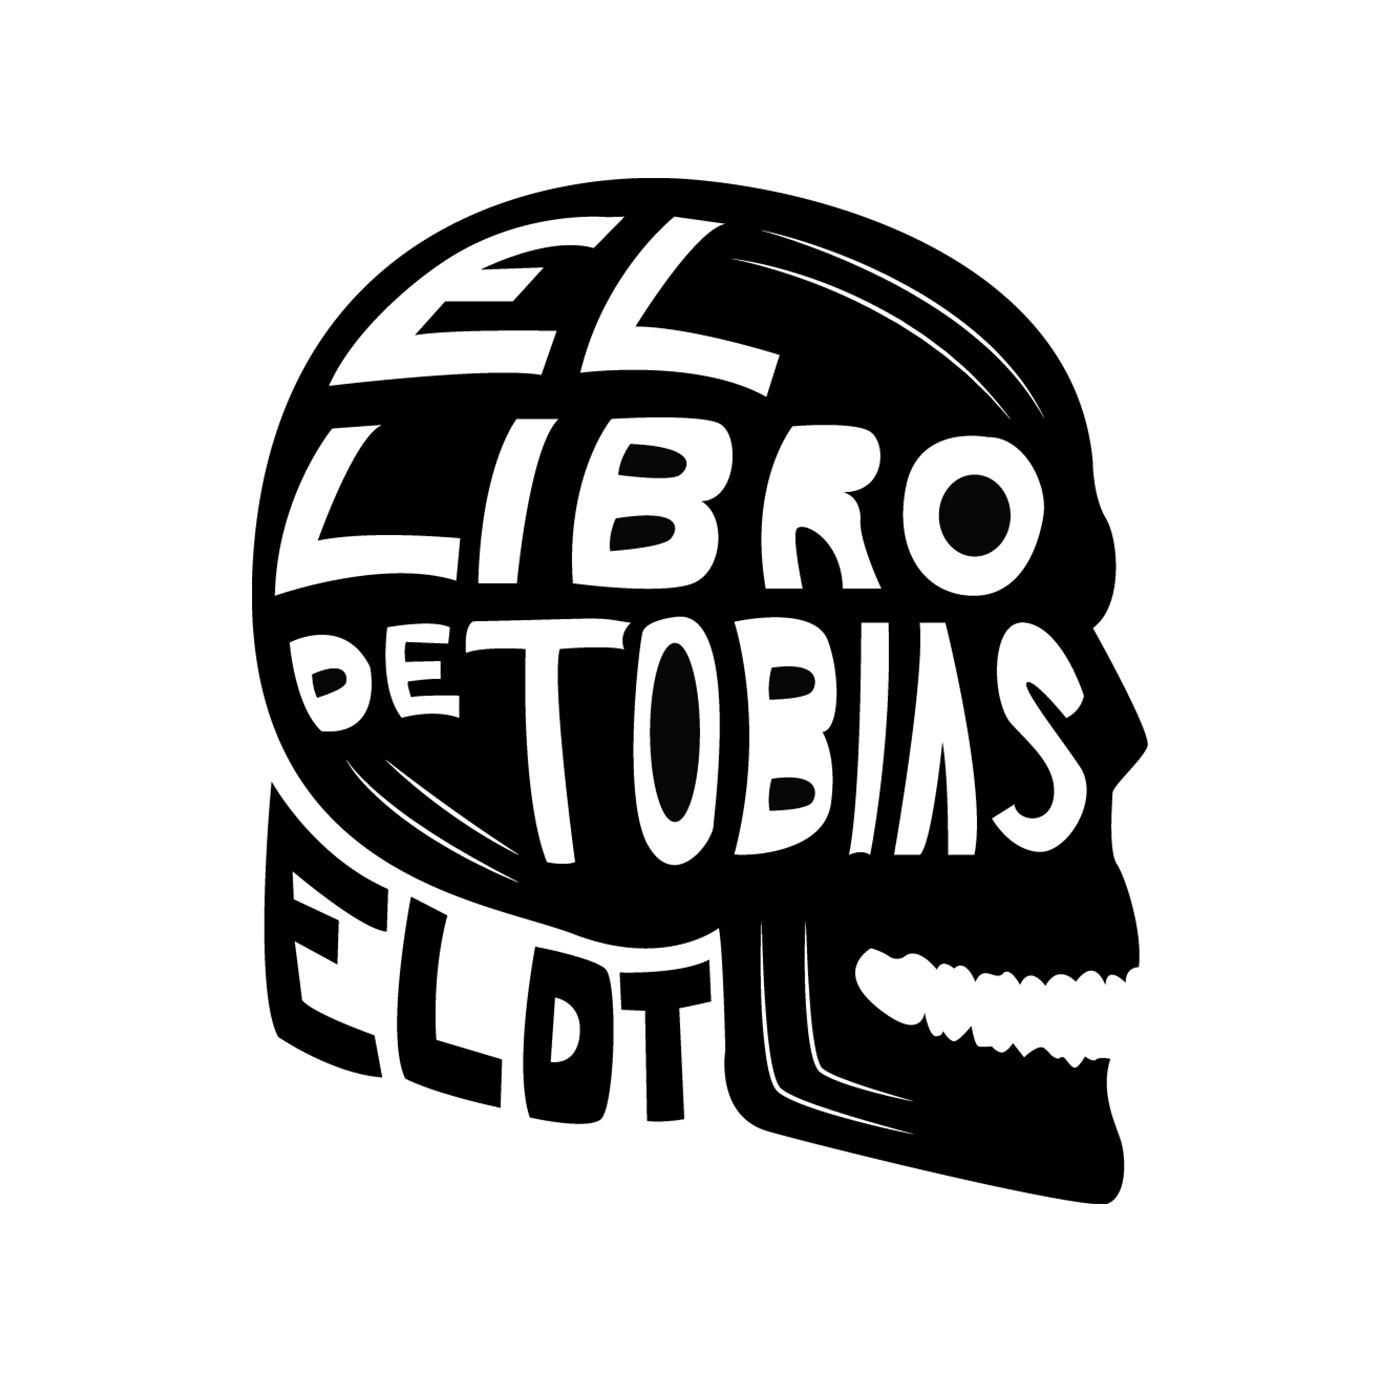 El libro de Tobias